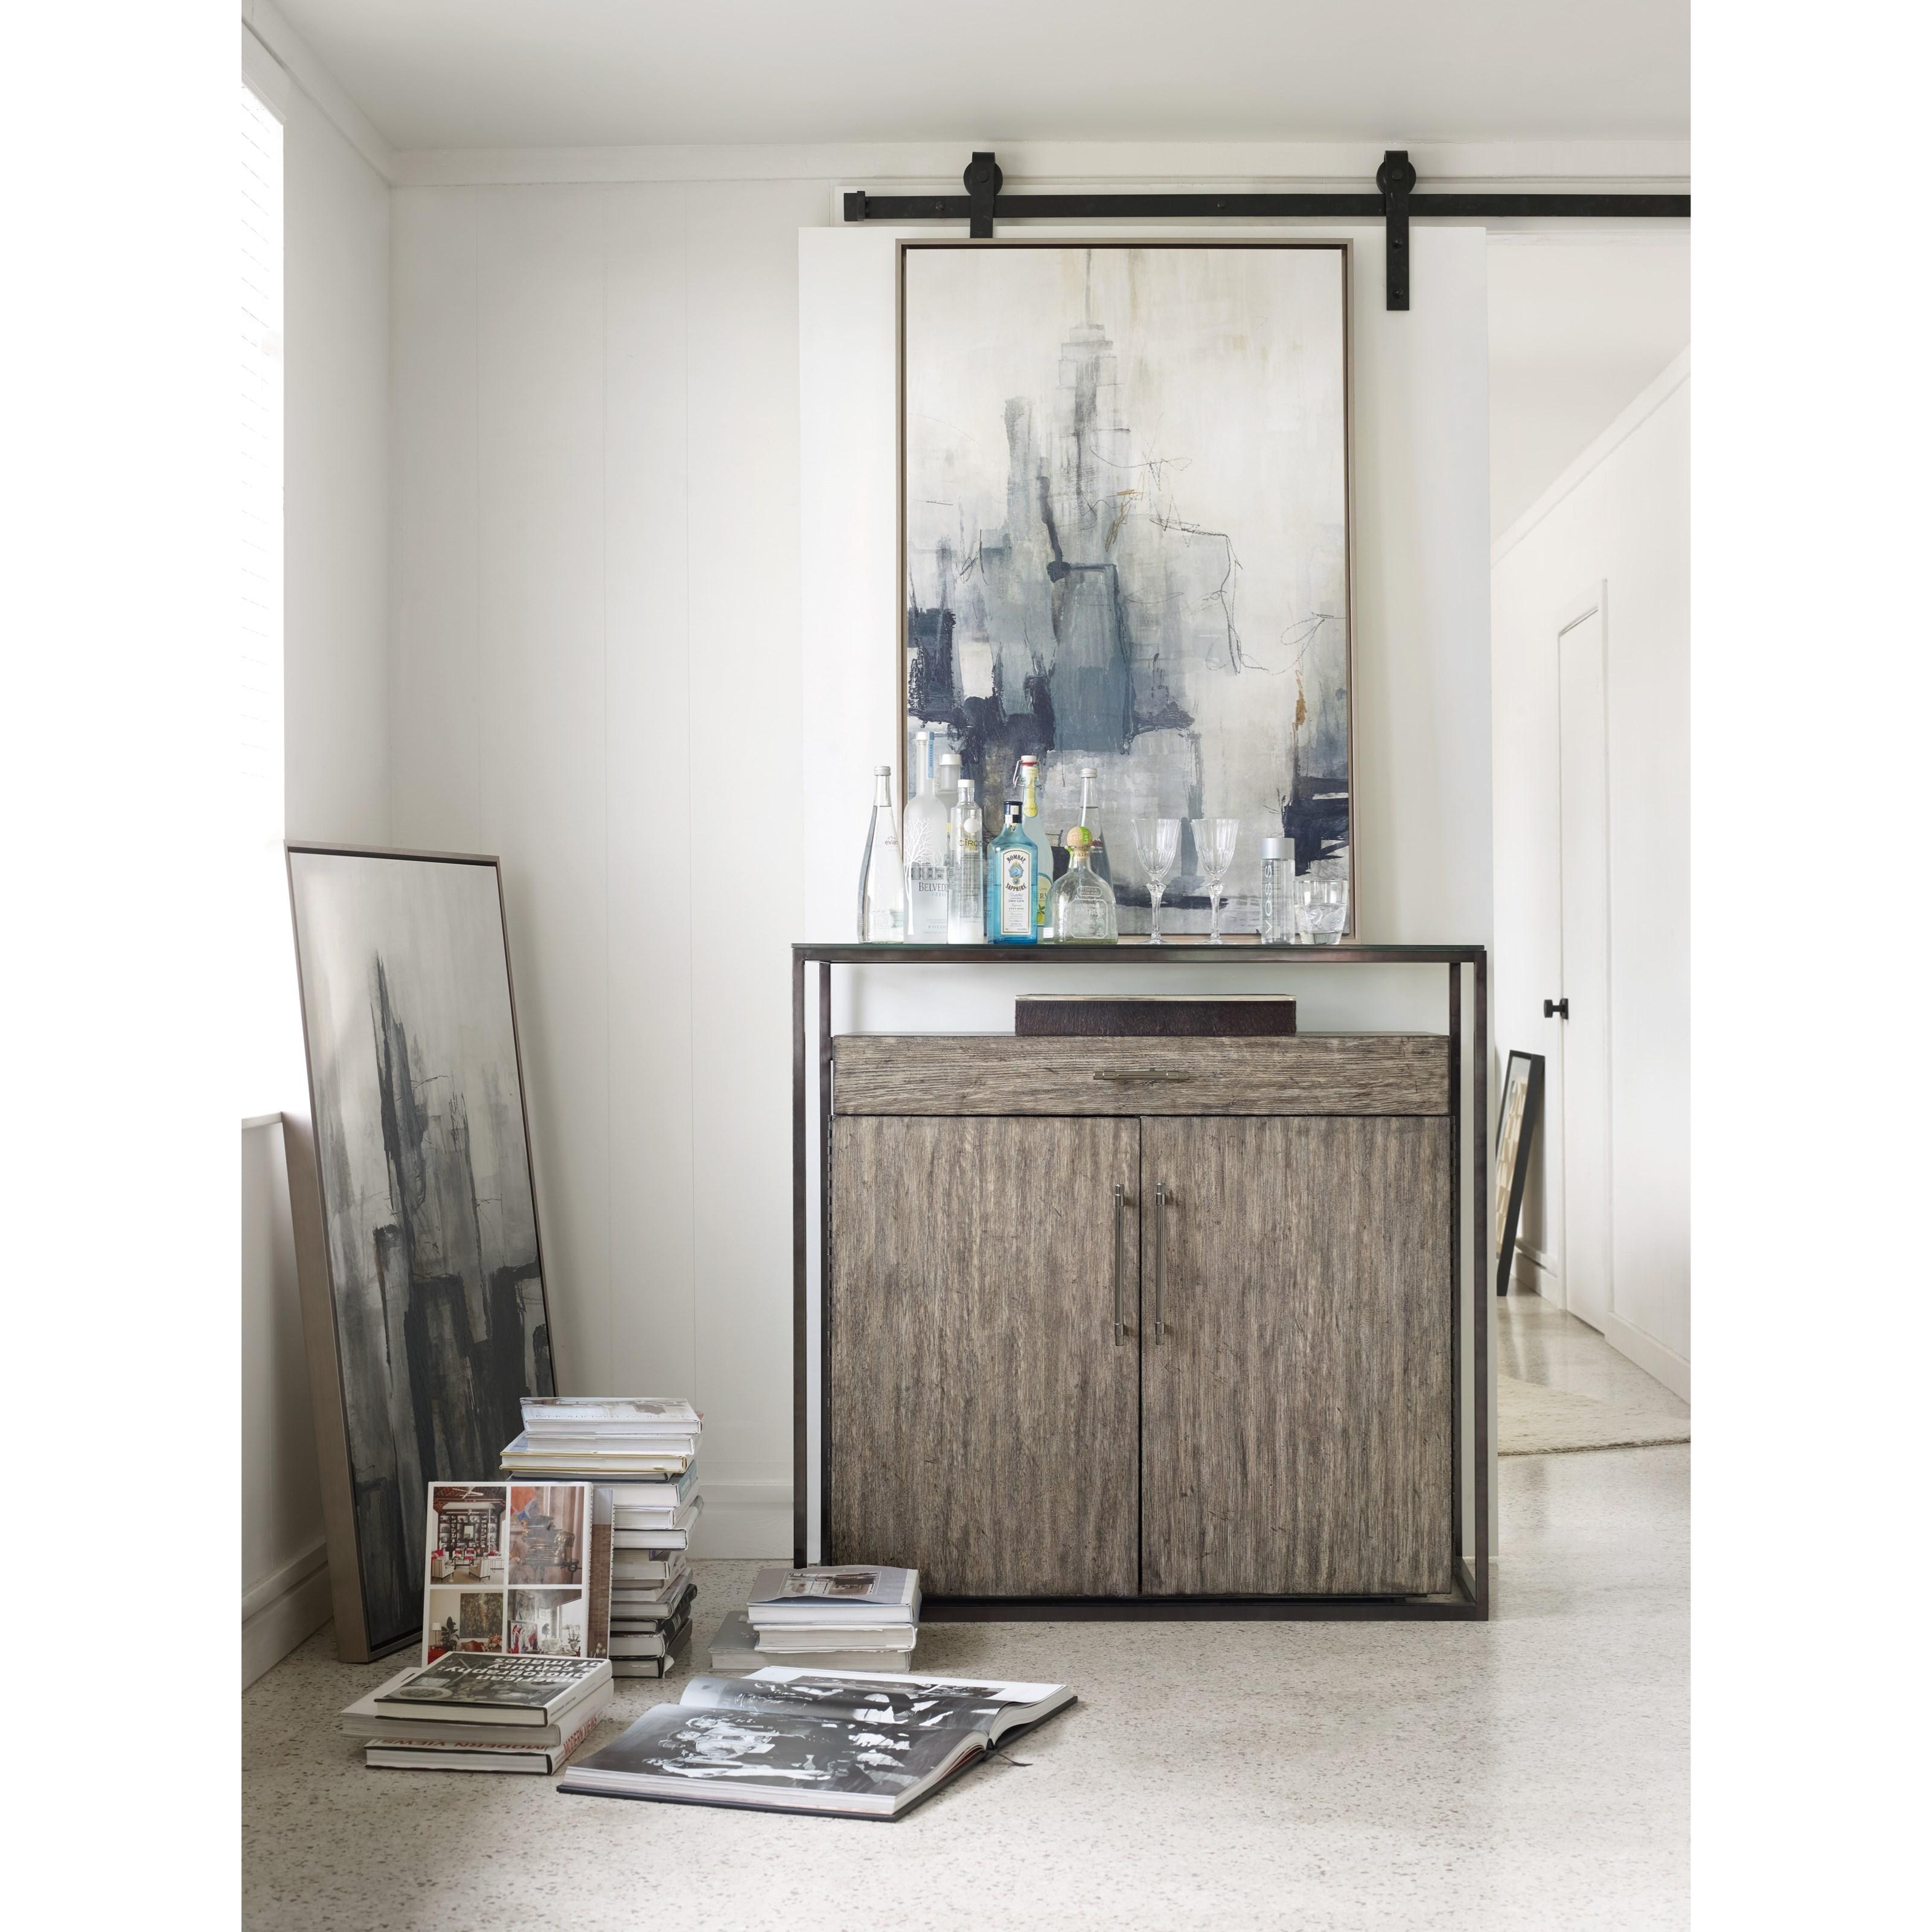 Hooker Furniture Curata 1600-50001-MWD Modern Bar Cabinet